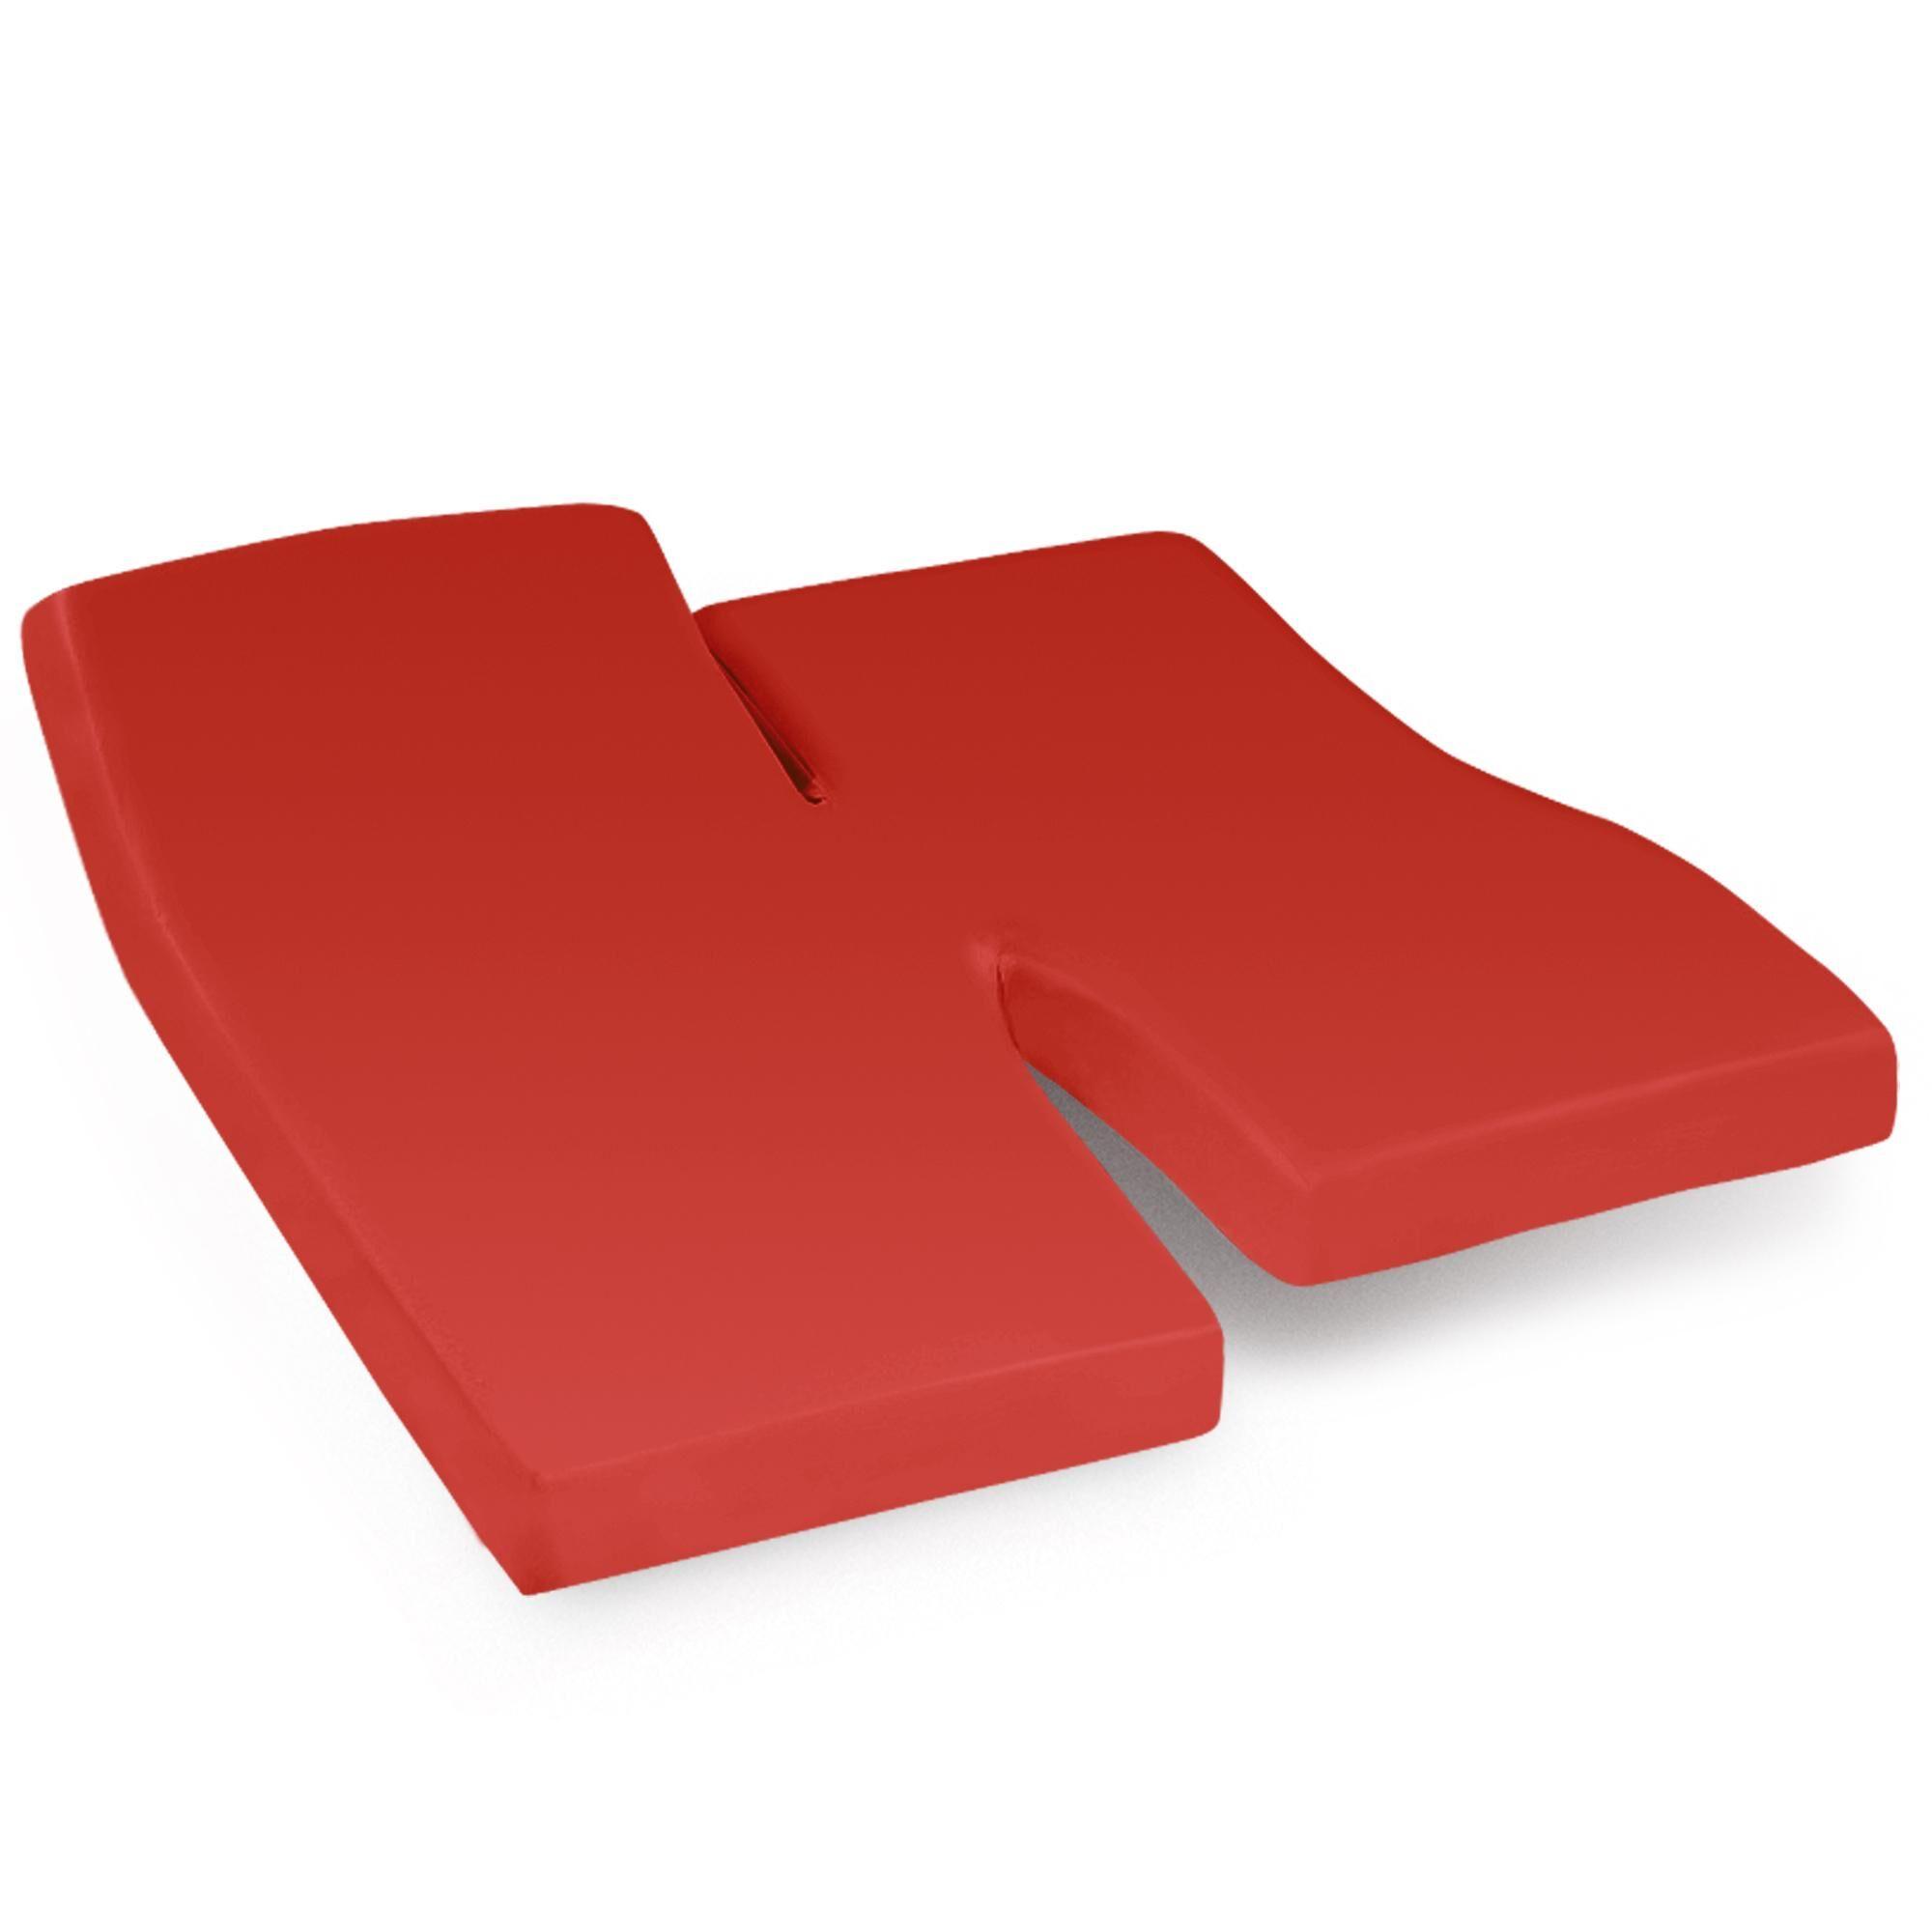 Linnea Drap housse relaxation uni 2x100x220 cm 100% coton ALTO orange Baie de Goji TPR Tête et pied relevable